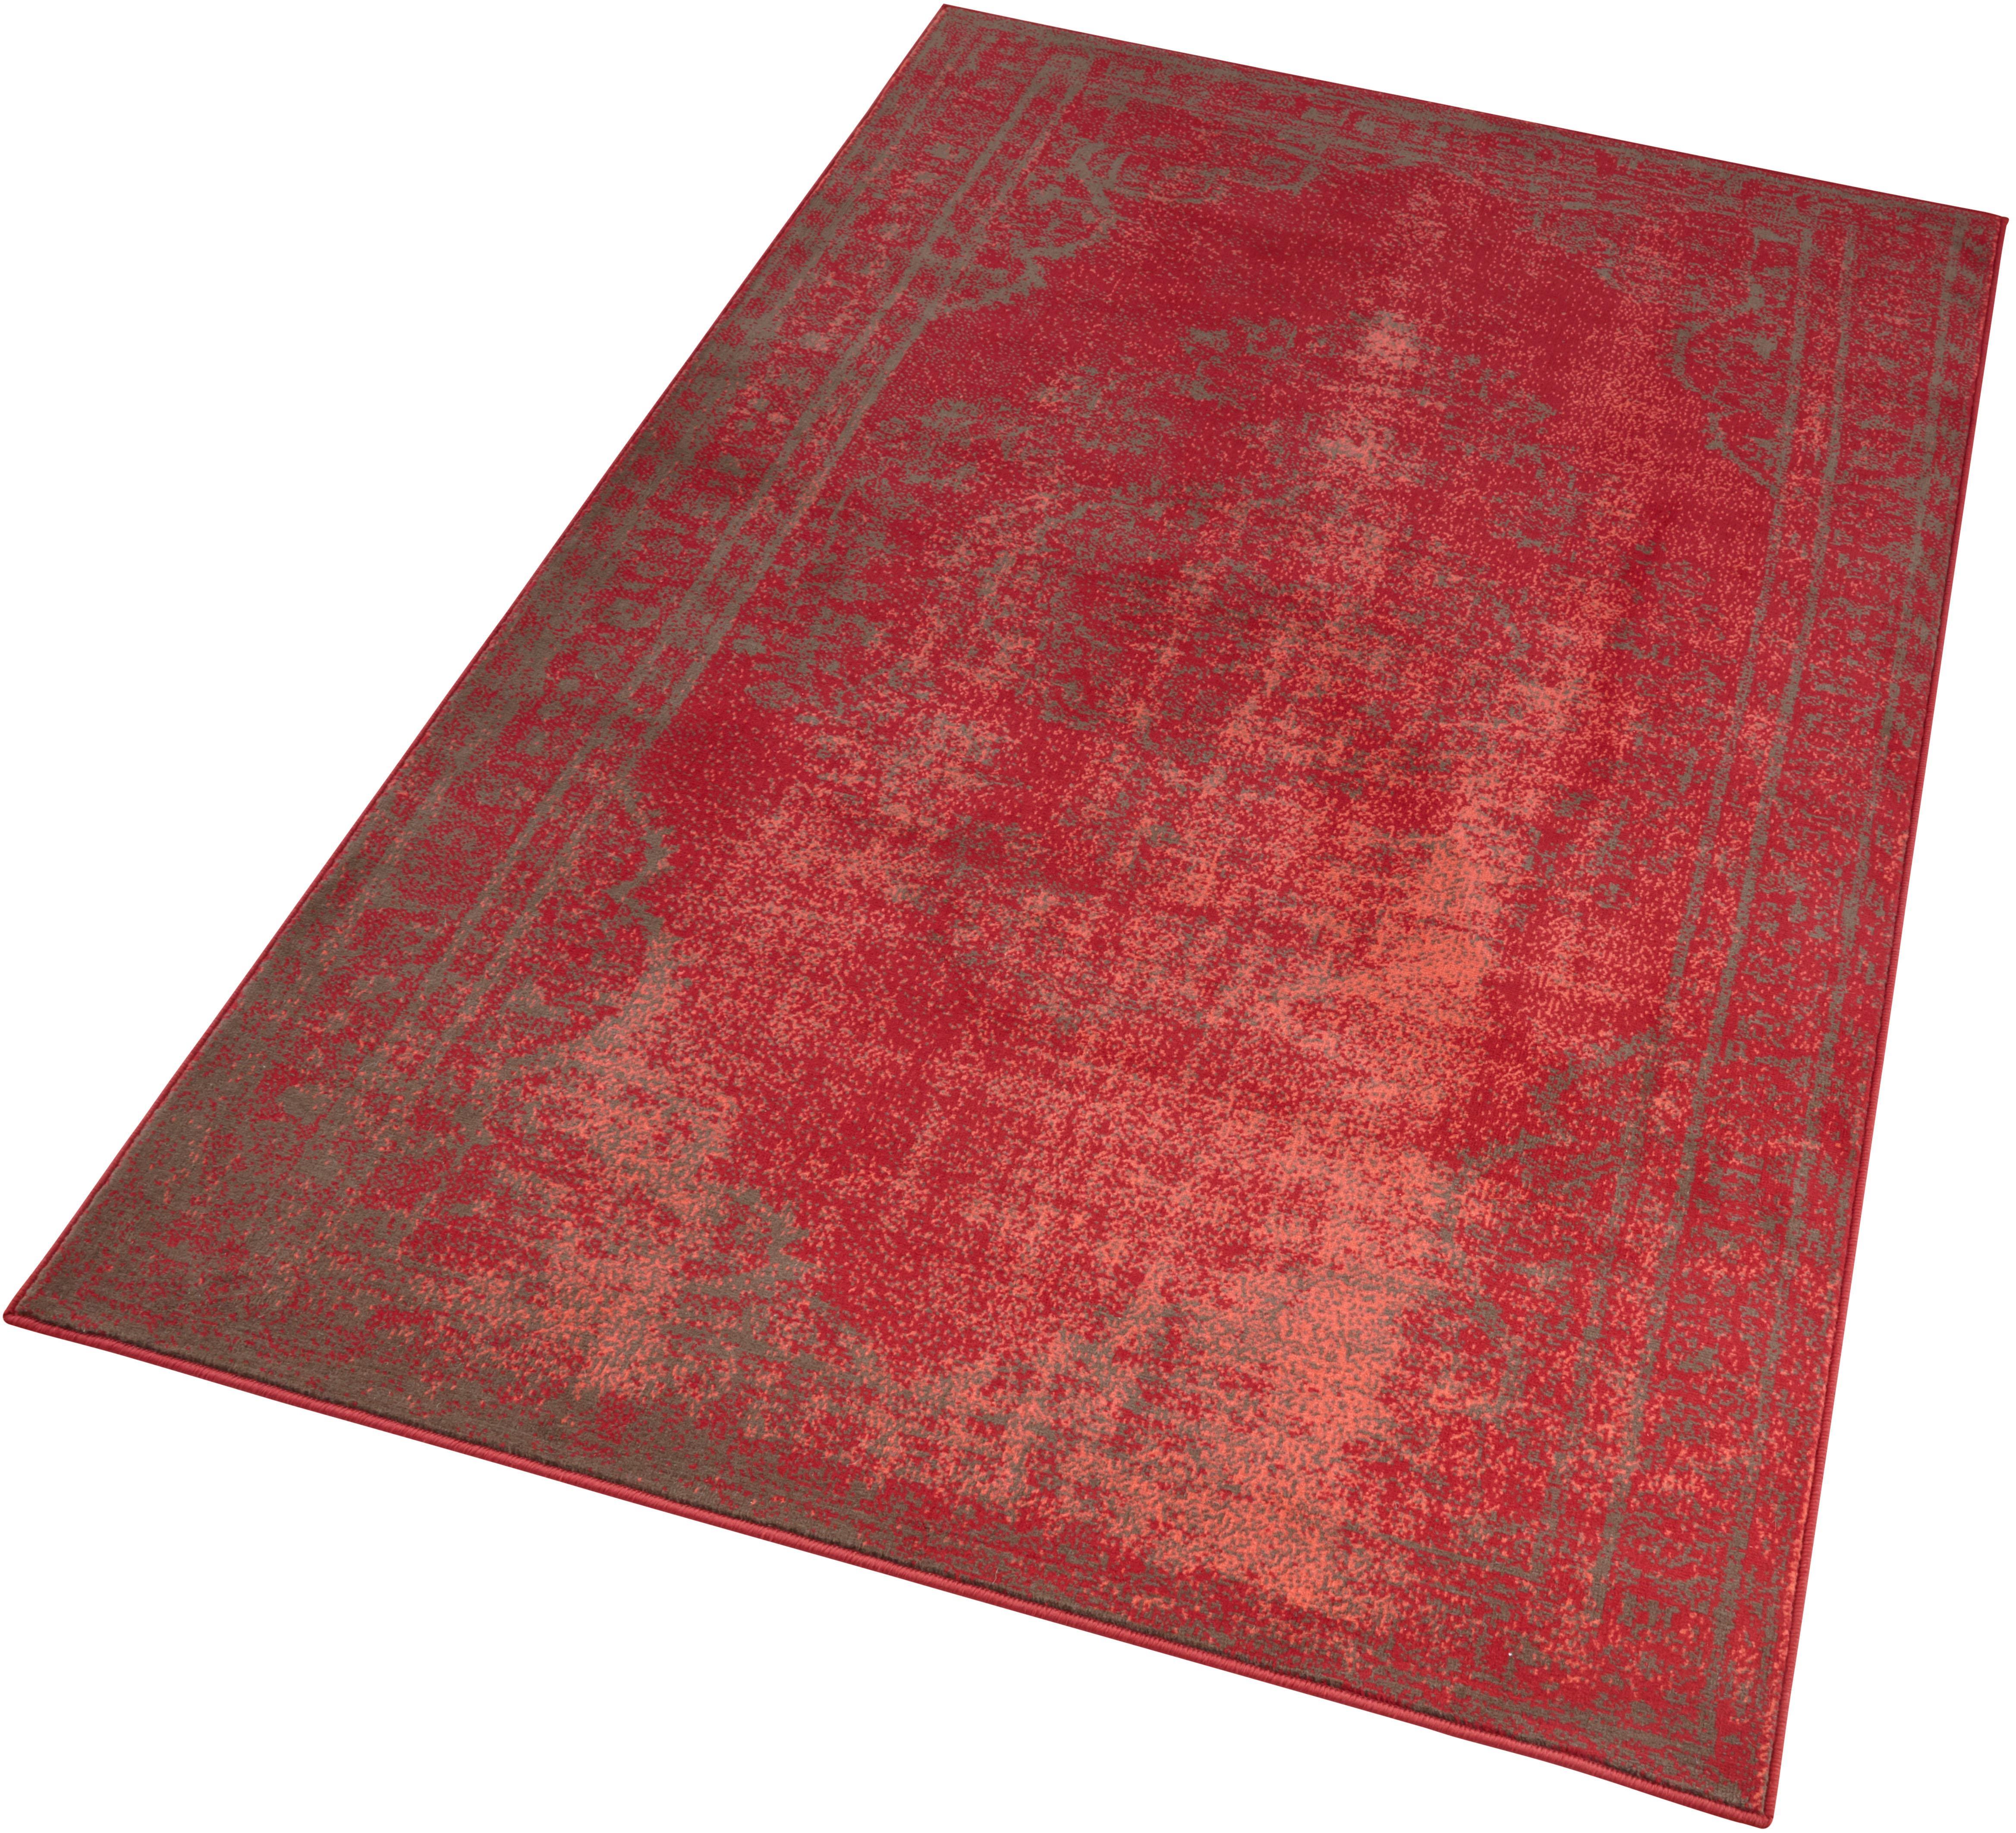 Teppich Cordelia HANSE Home rechteckig Höhe 9 mm maschinell gewebt